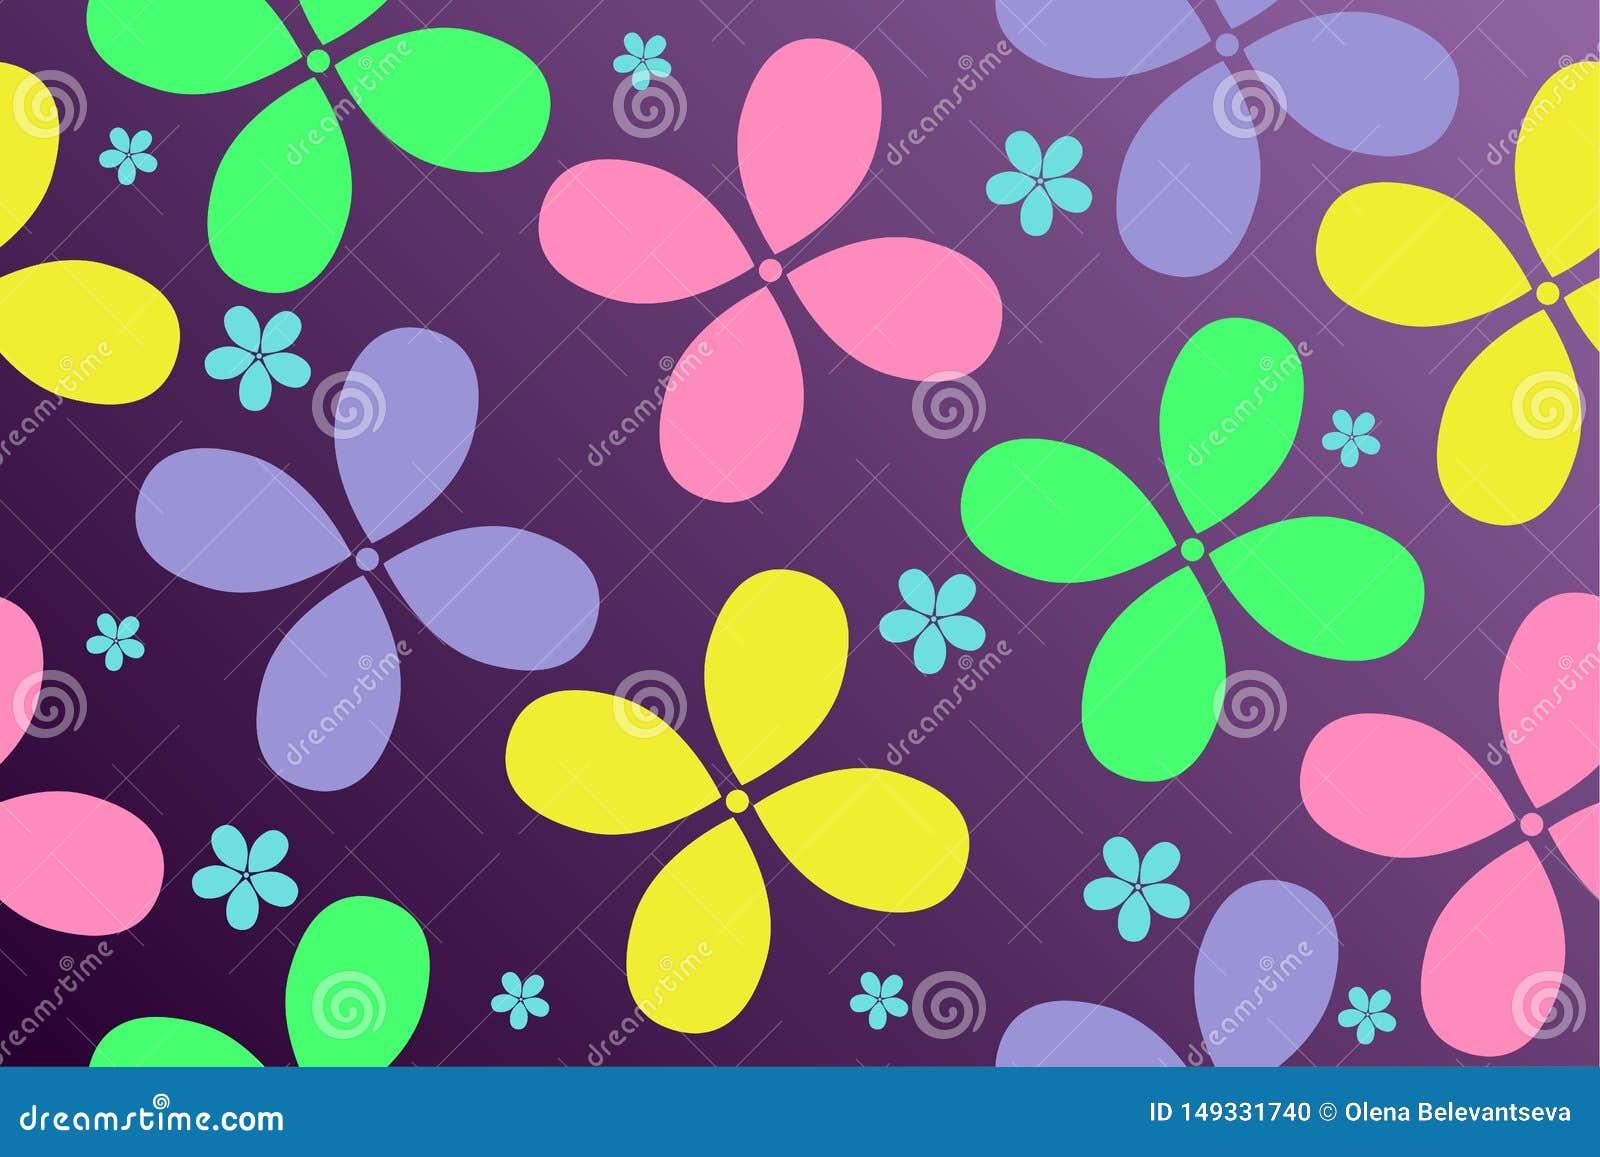 Modell av färgrika blommor på en lutningbakgrund för designen av barns saker